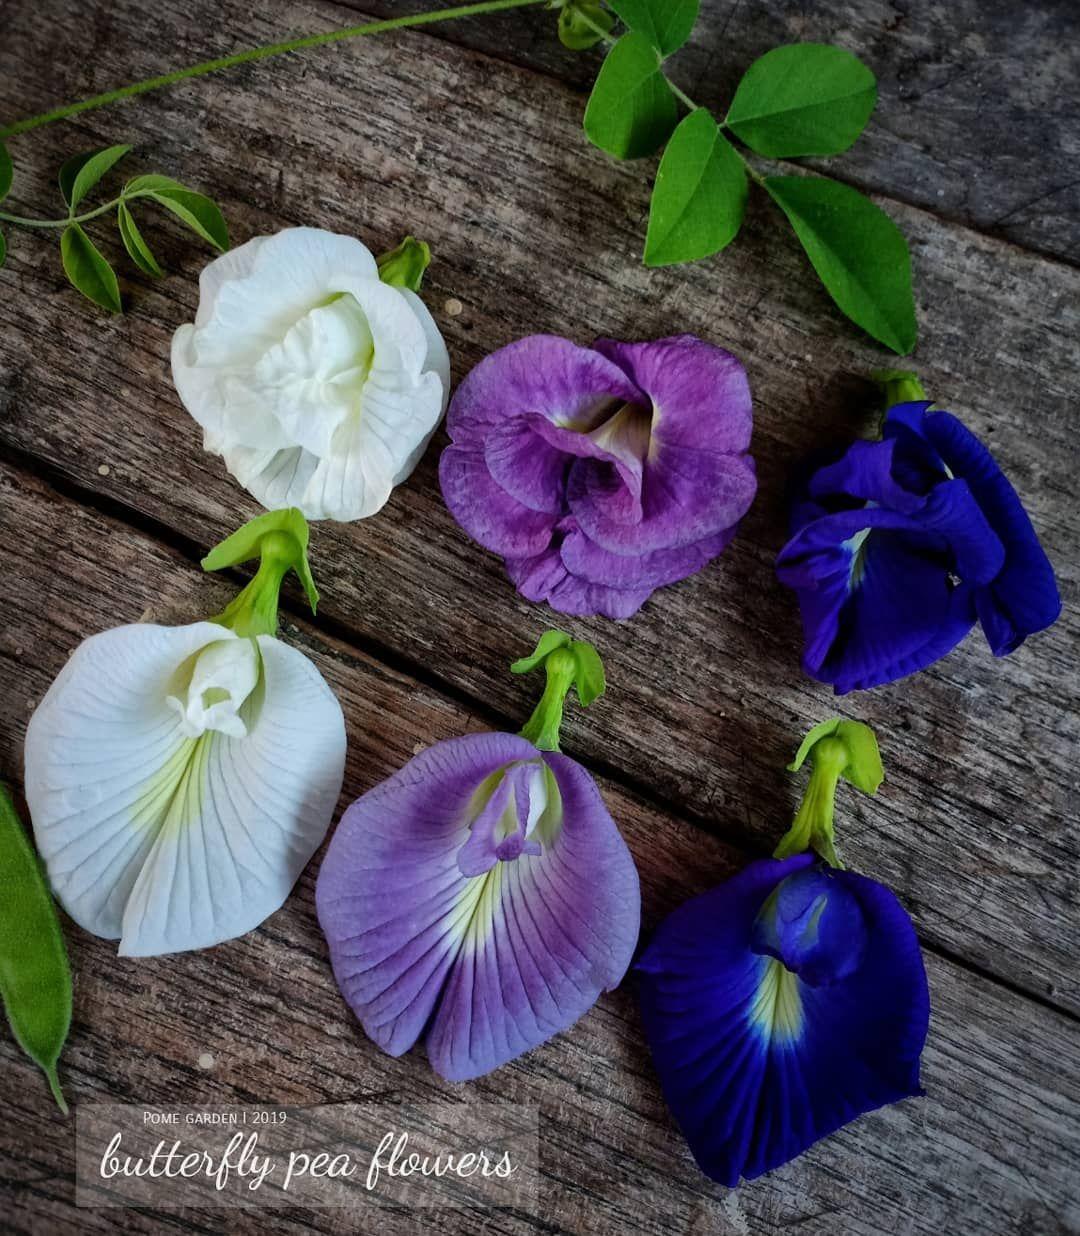 Bunga Telang Clitoria Ternatea Selain Edible Bunganya Yg Merambat Bisa Sekaligus Sebagai Tanaman Hias Dan Peneduh Memiliki Bunga Tanaman Bunga Warna